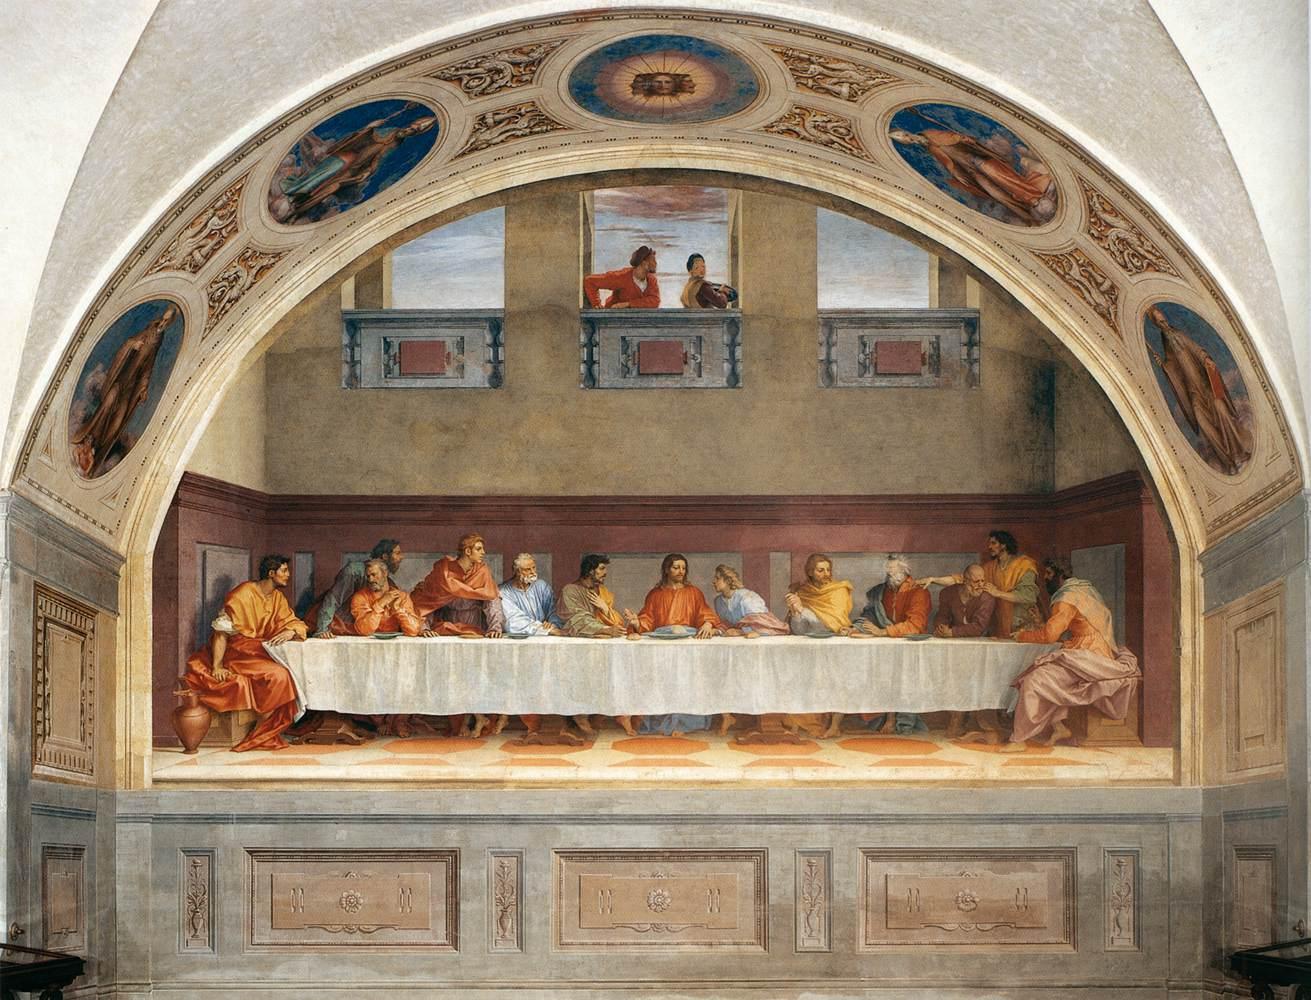 Giovedì 19 settembre – Cenacolo di Andrea del Sarto